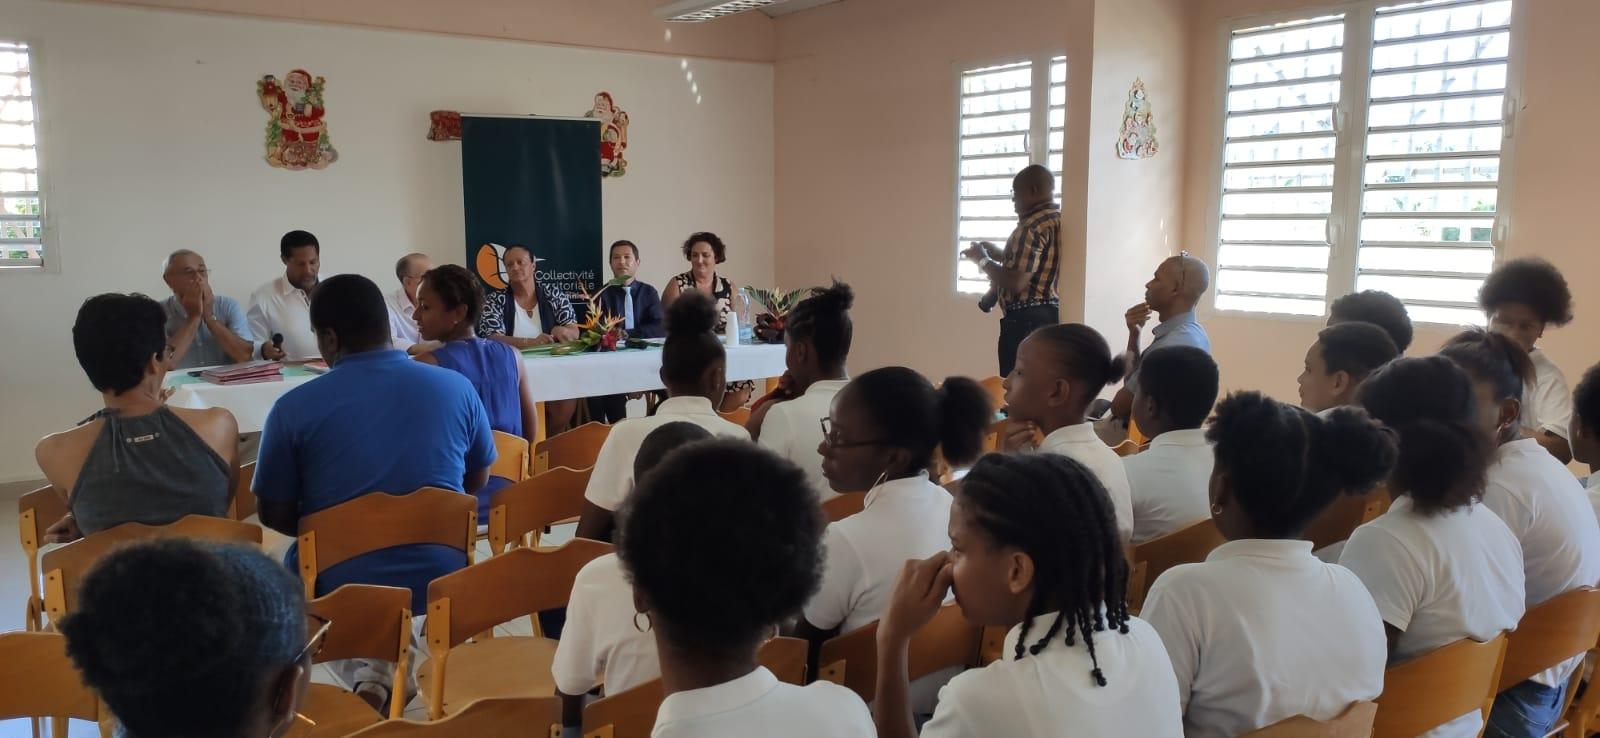 Numérique à l'école : des collégiens reçoivent des tablettes